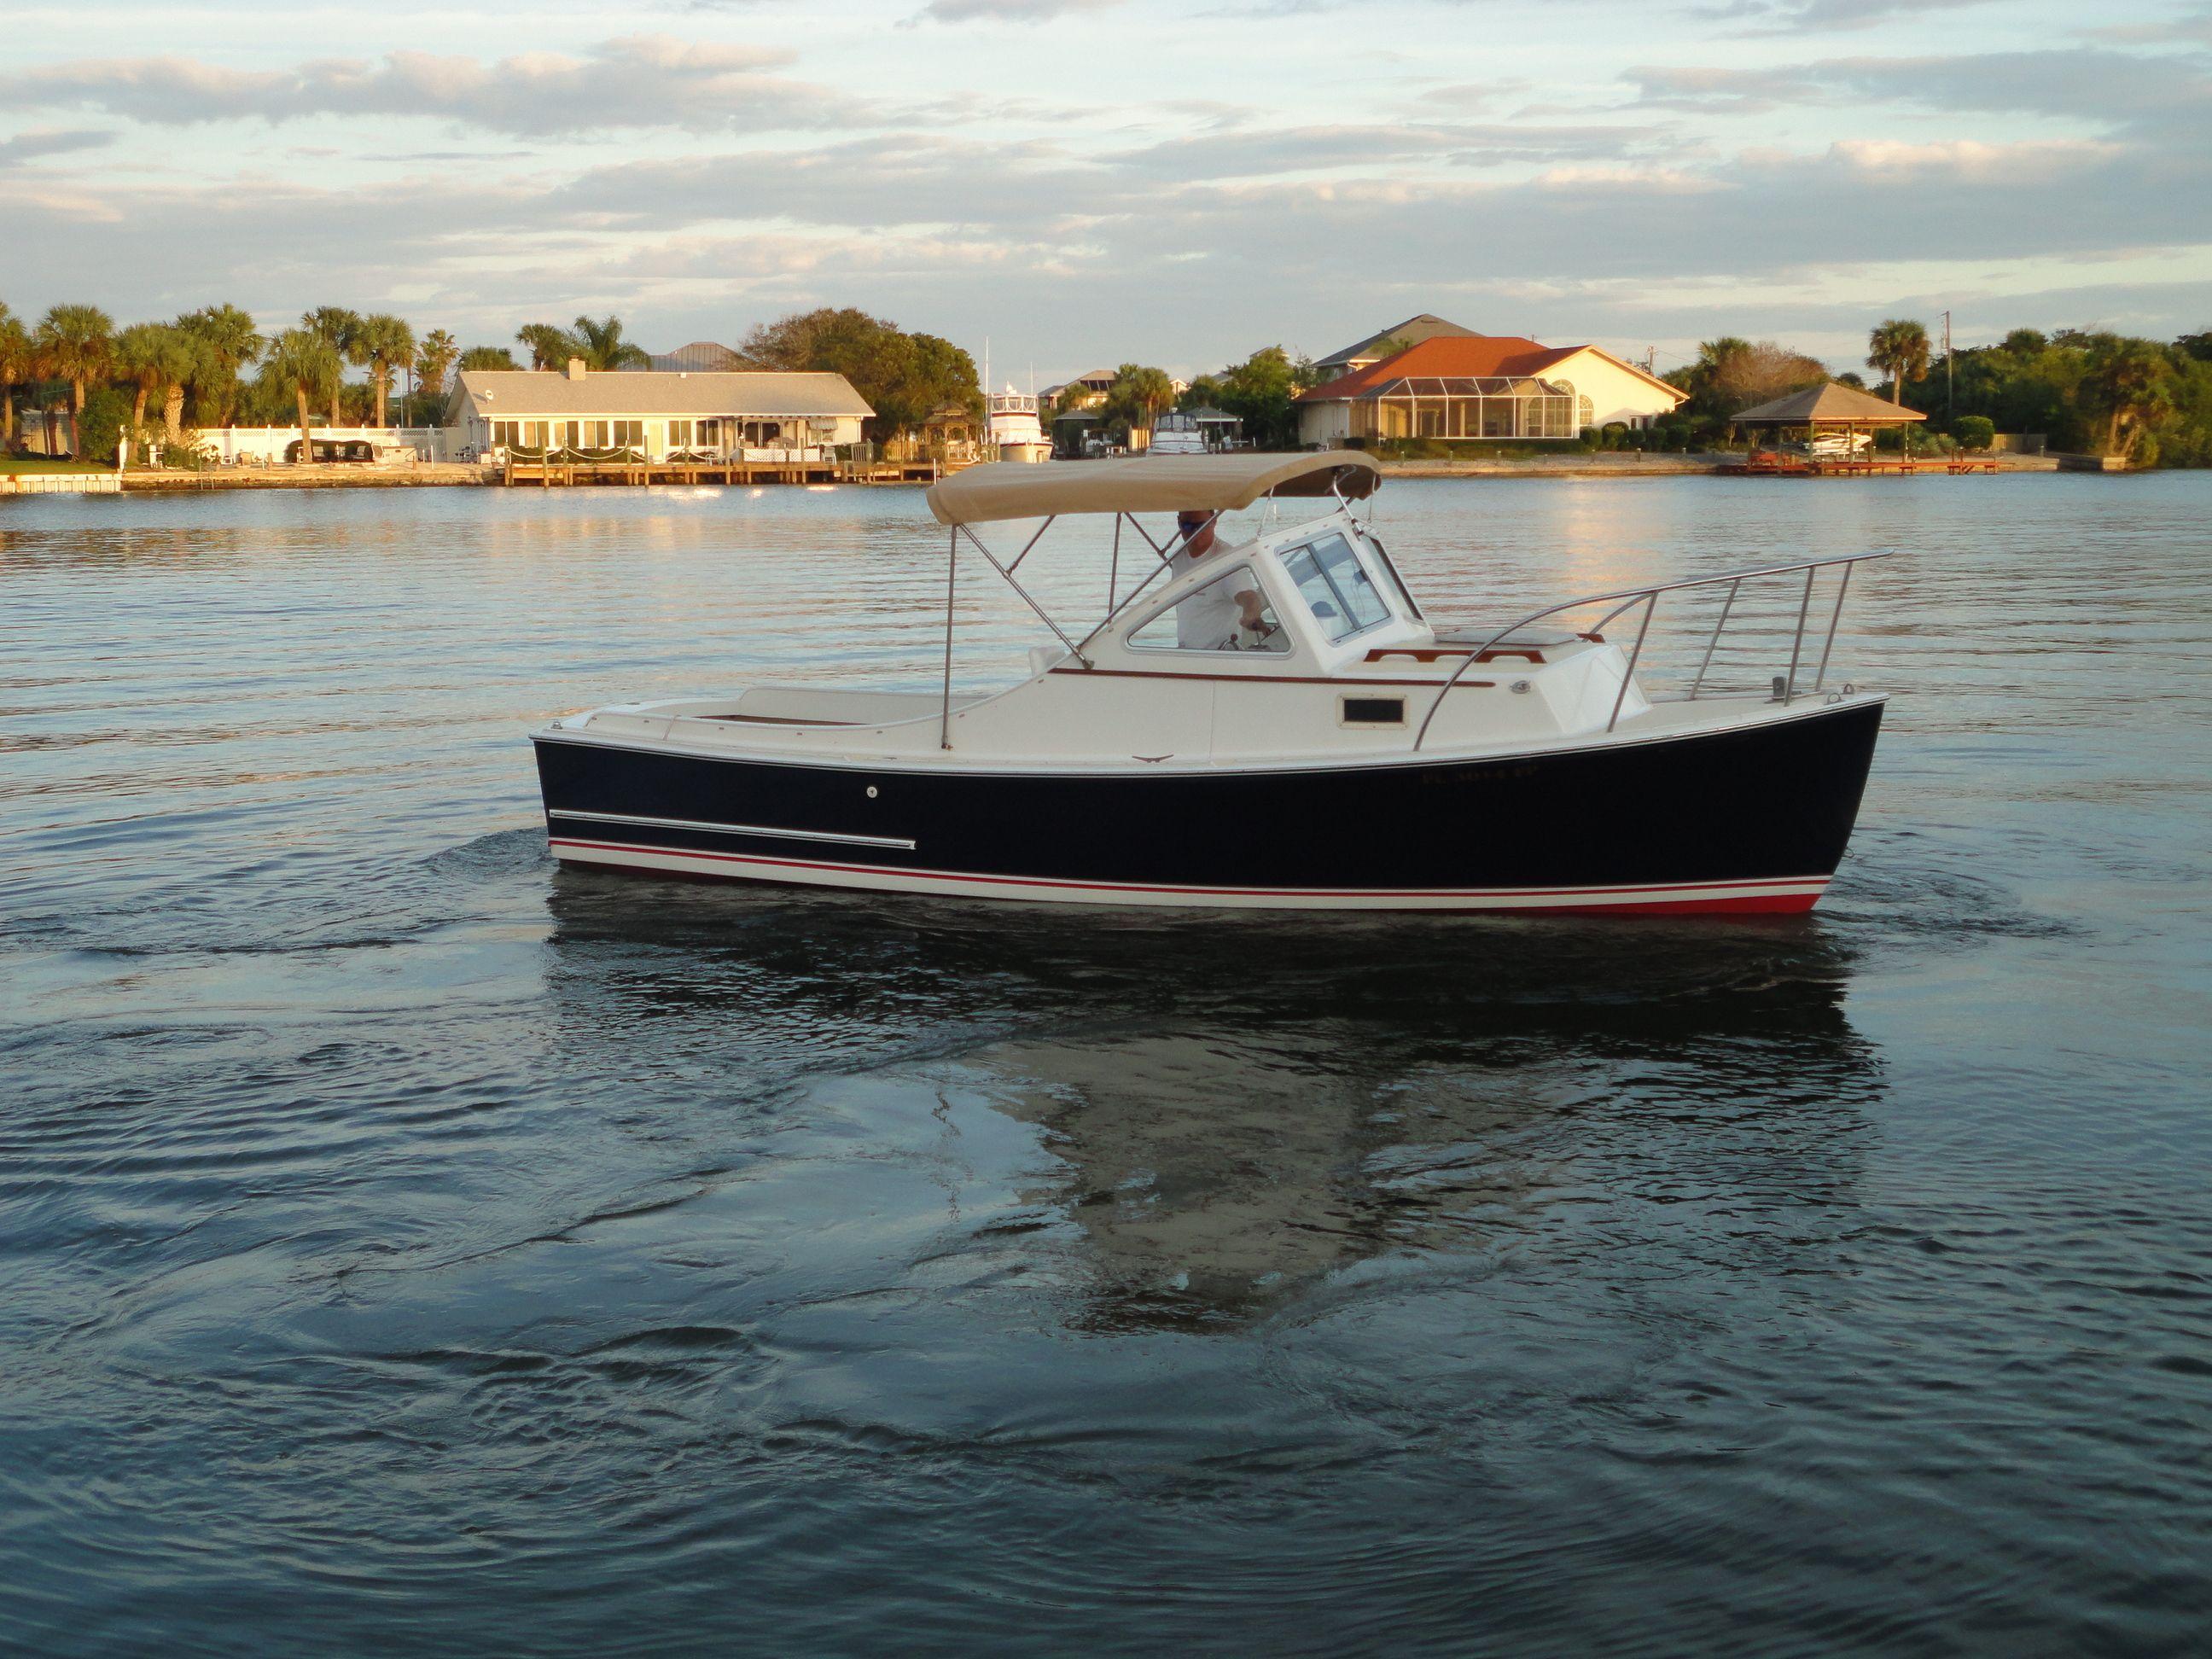 Boats yachts maine boats lobster boats picnic boats sailing - Boating